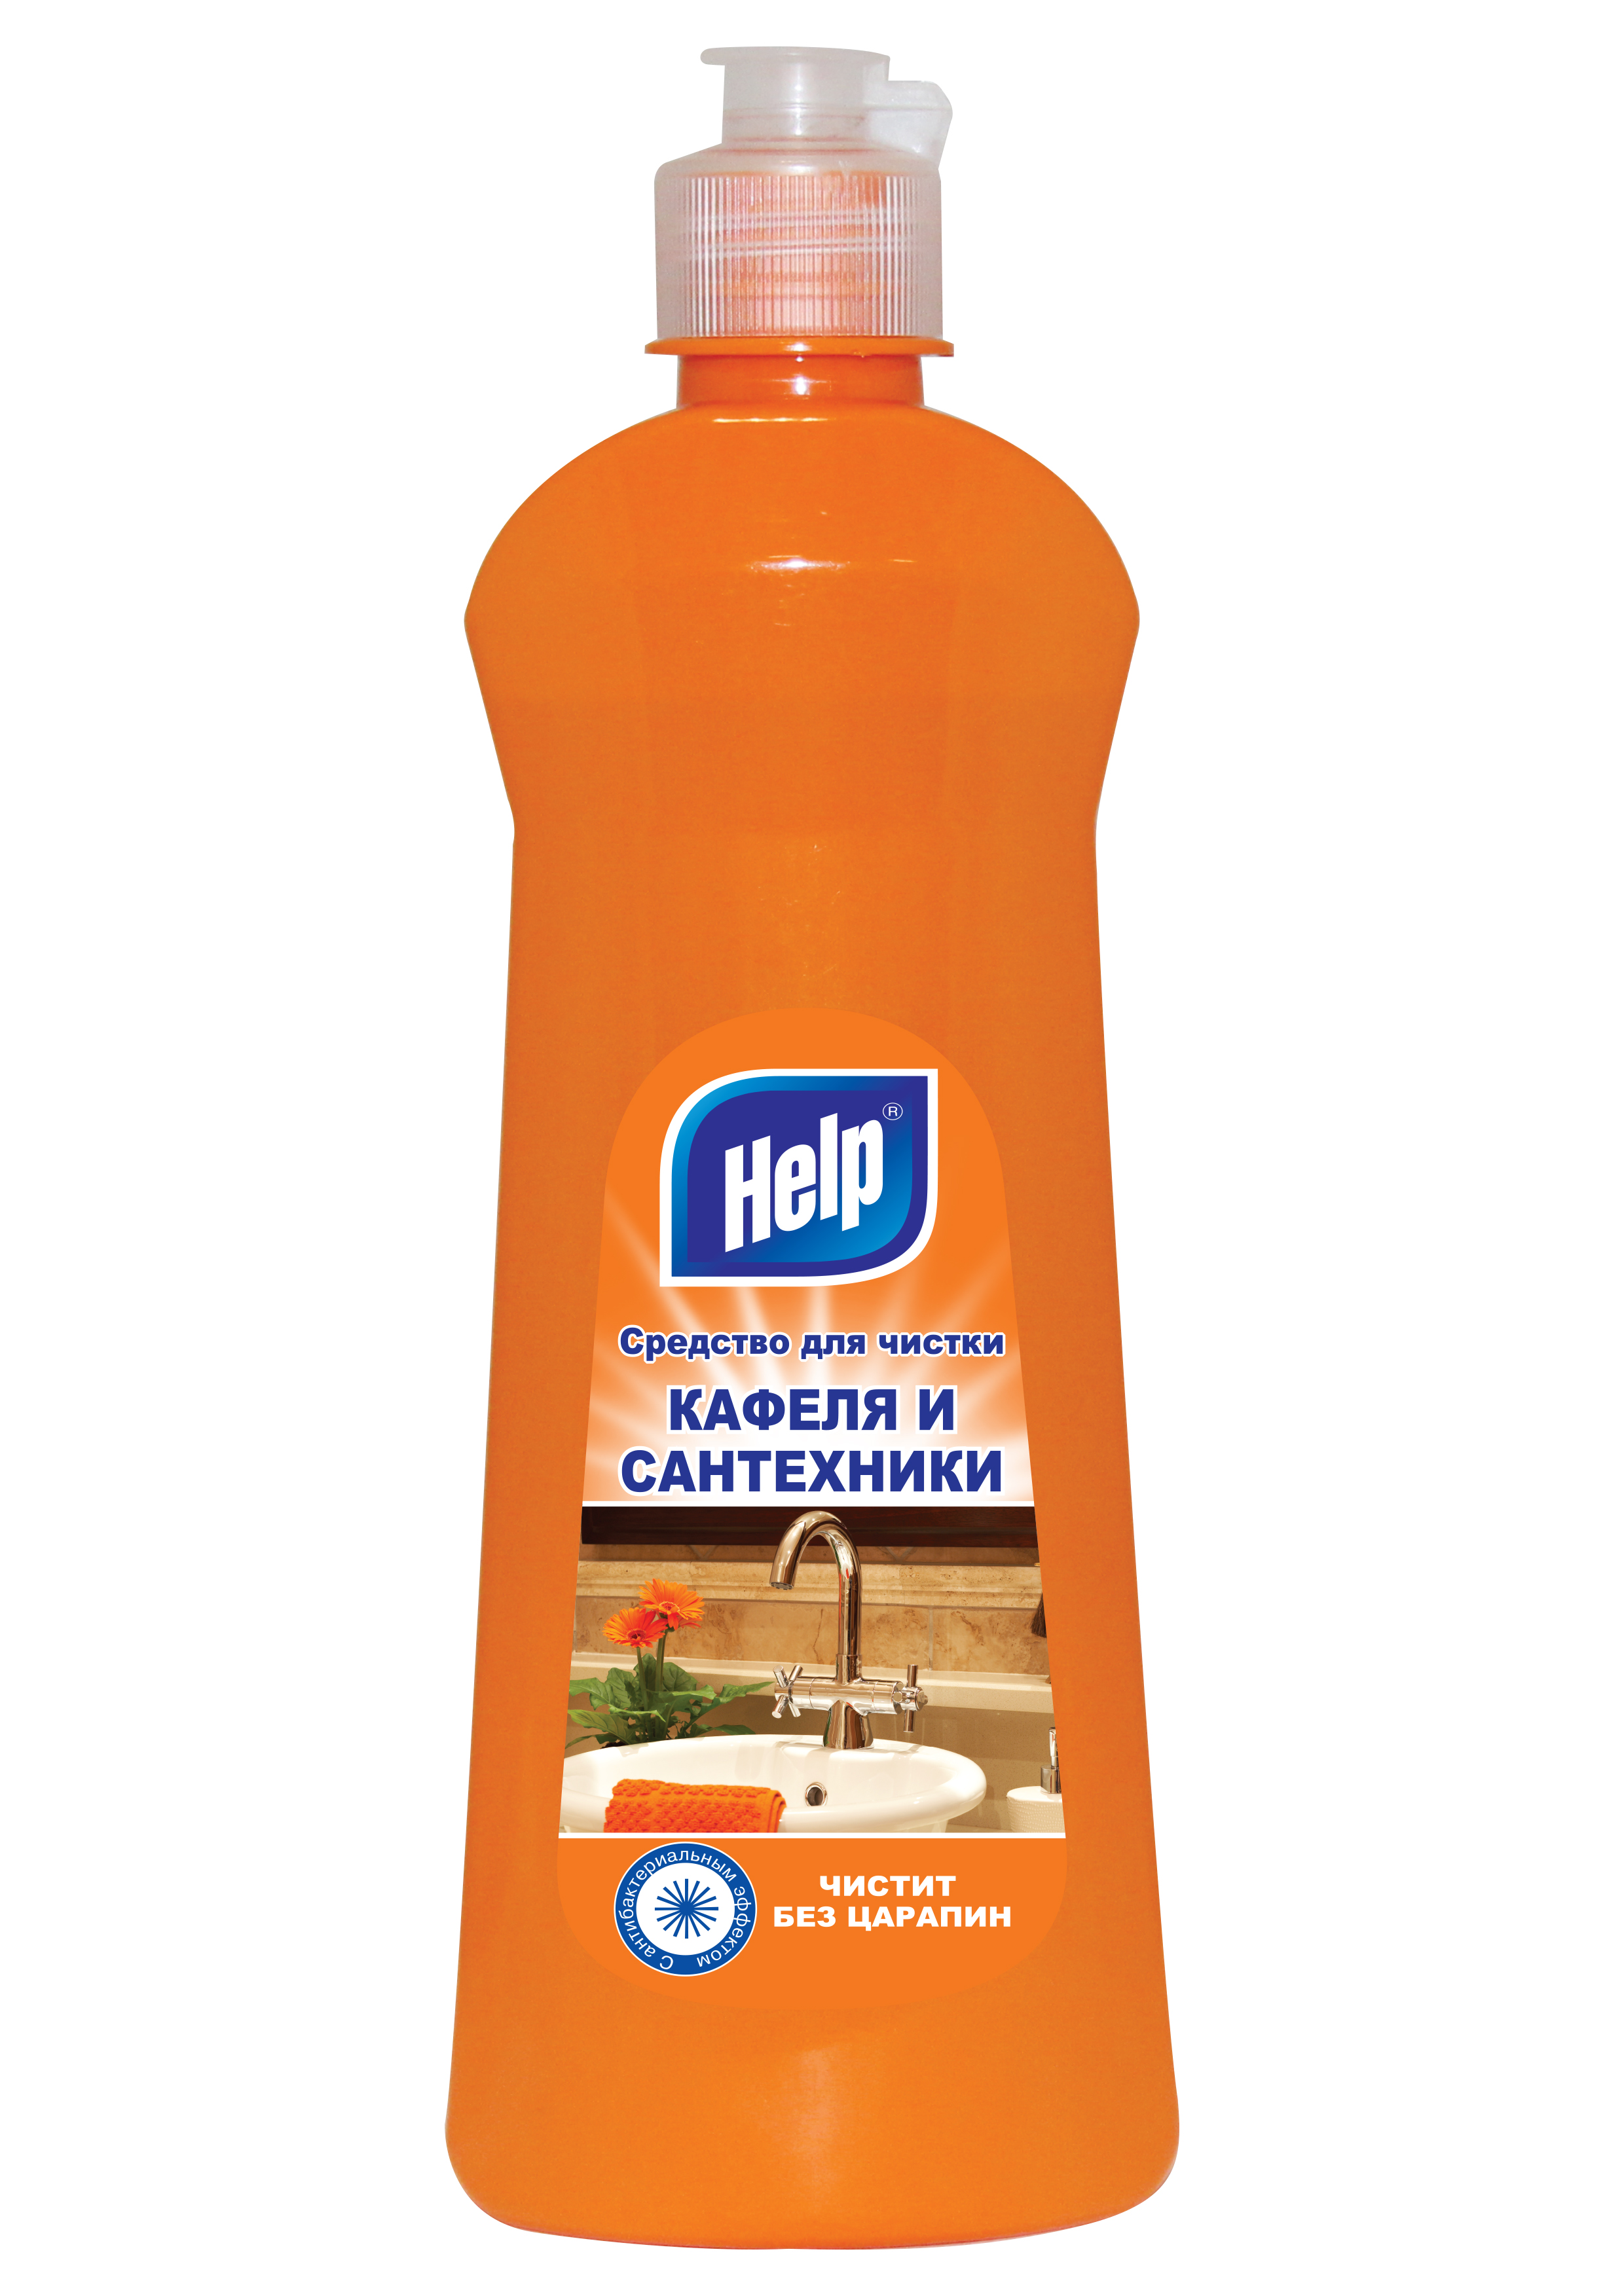 Средства для ванной своими руками